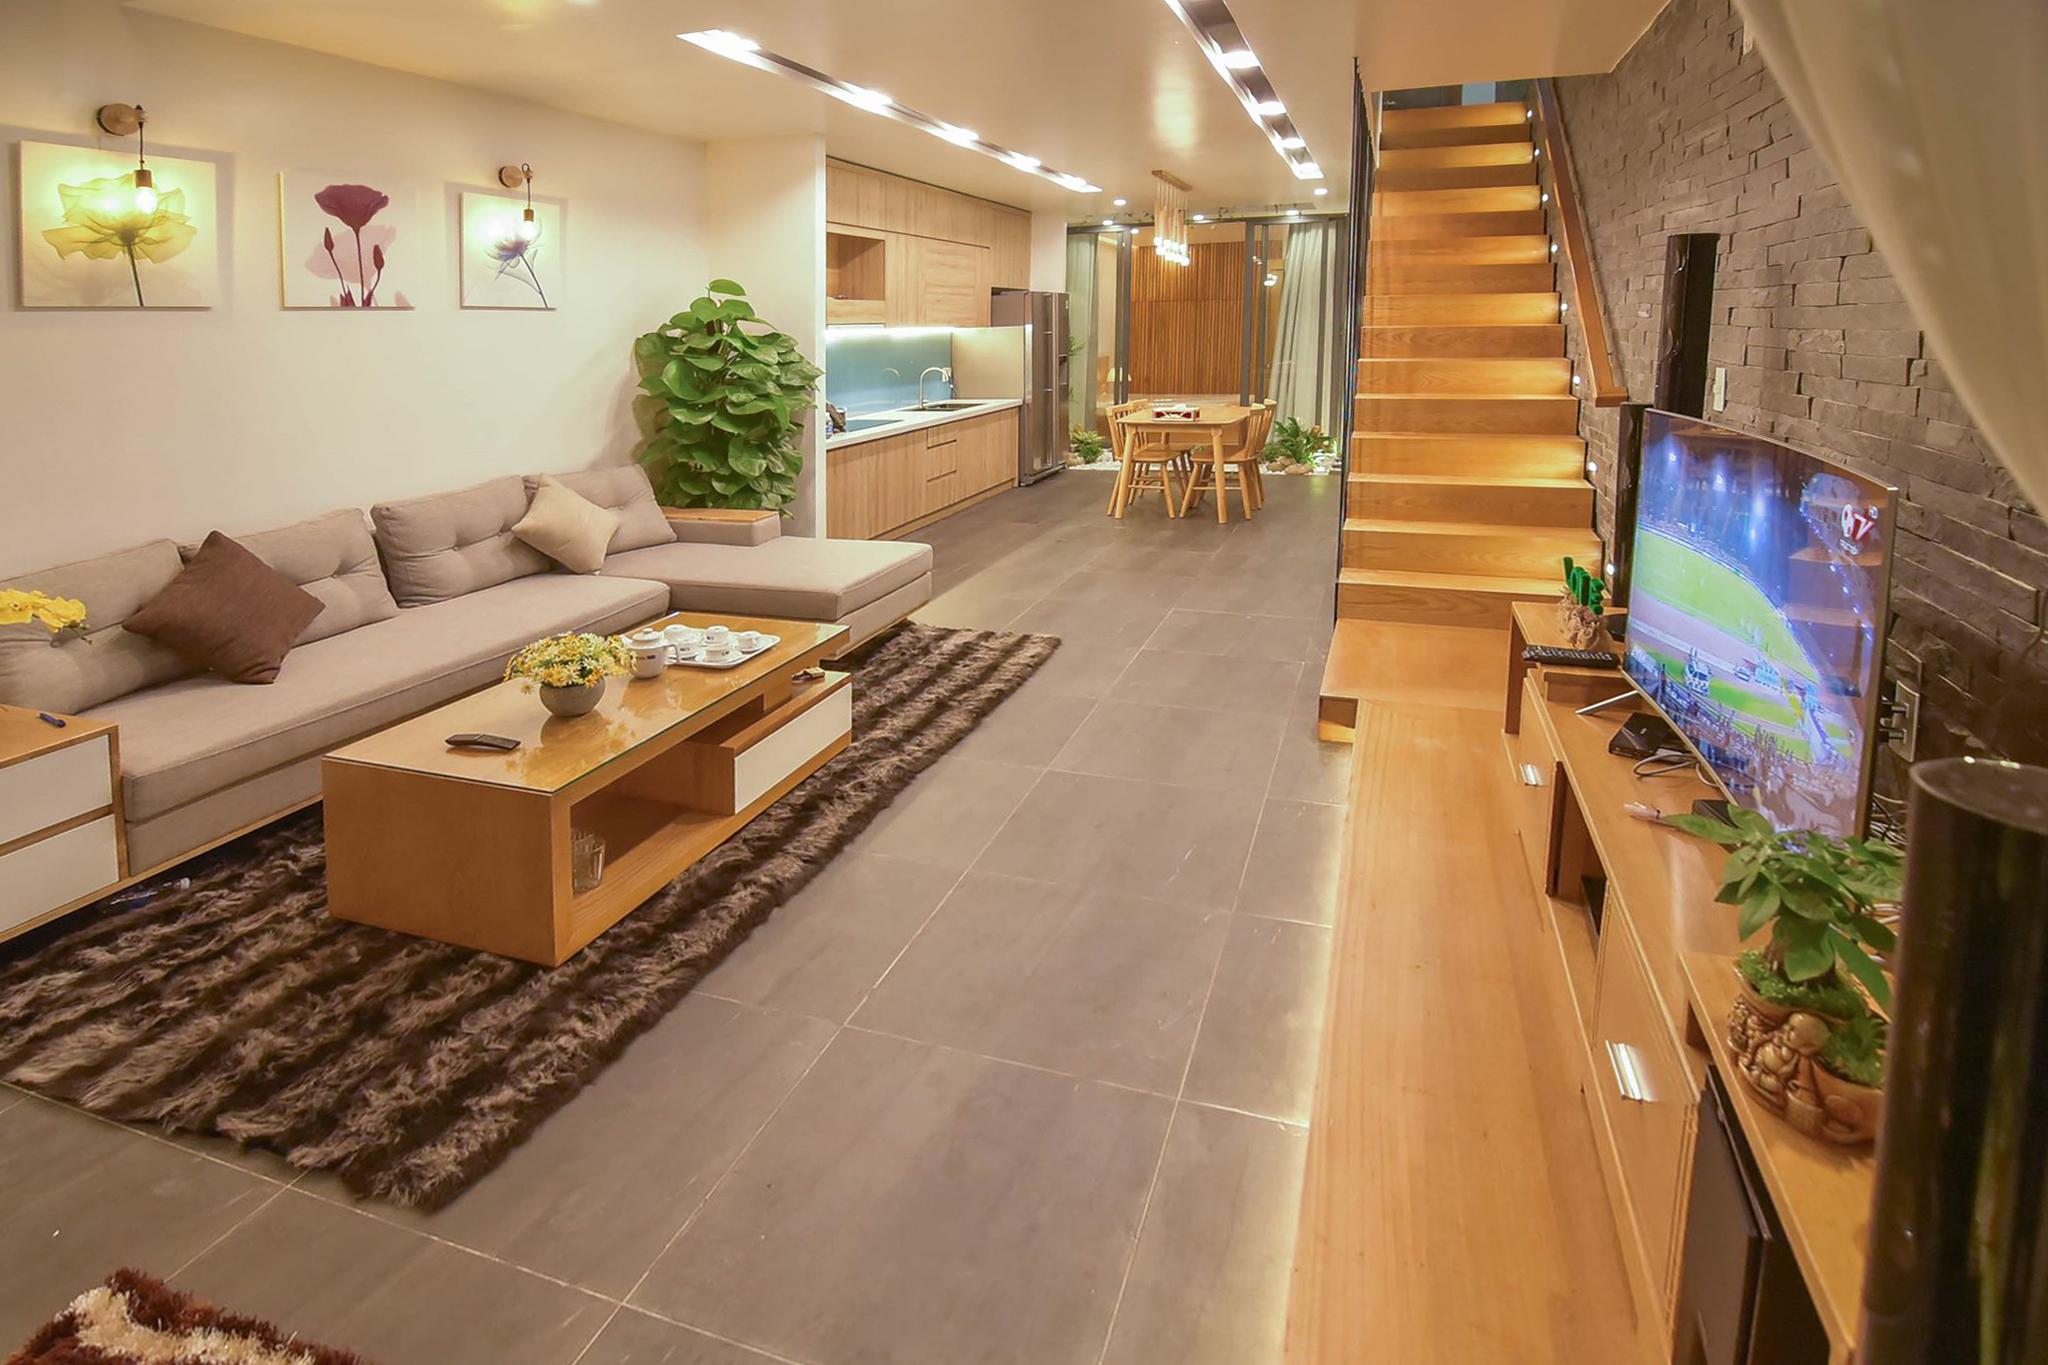 thiết kế Nhà Mặt Phố 3 tầng tại Đà Nẵng THE GARDEN HOUSE 1 1561348248